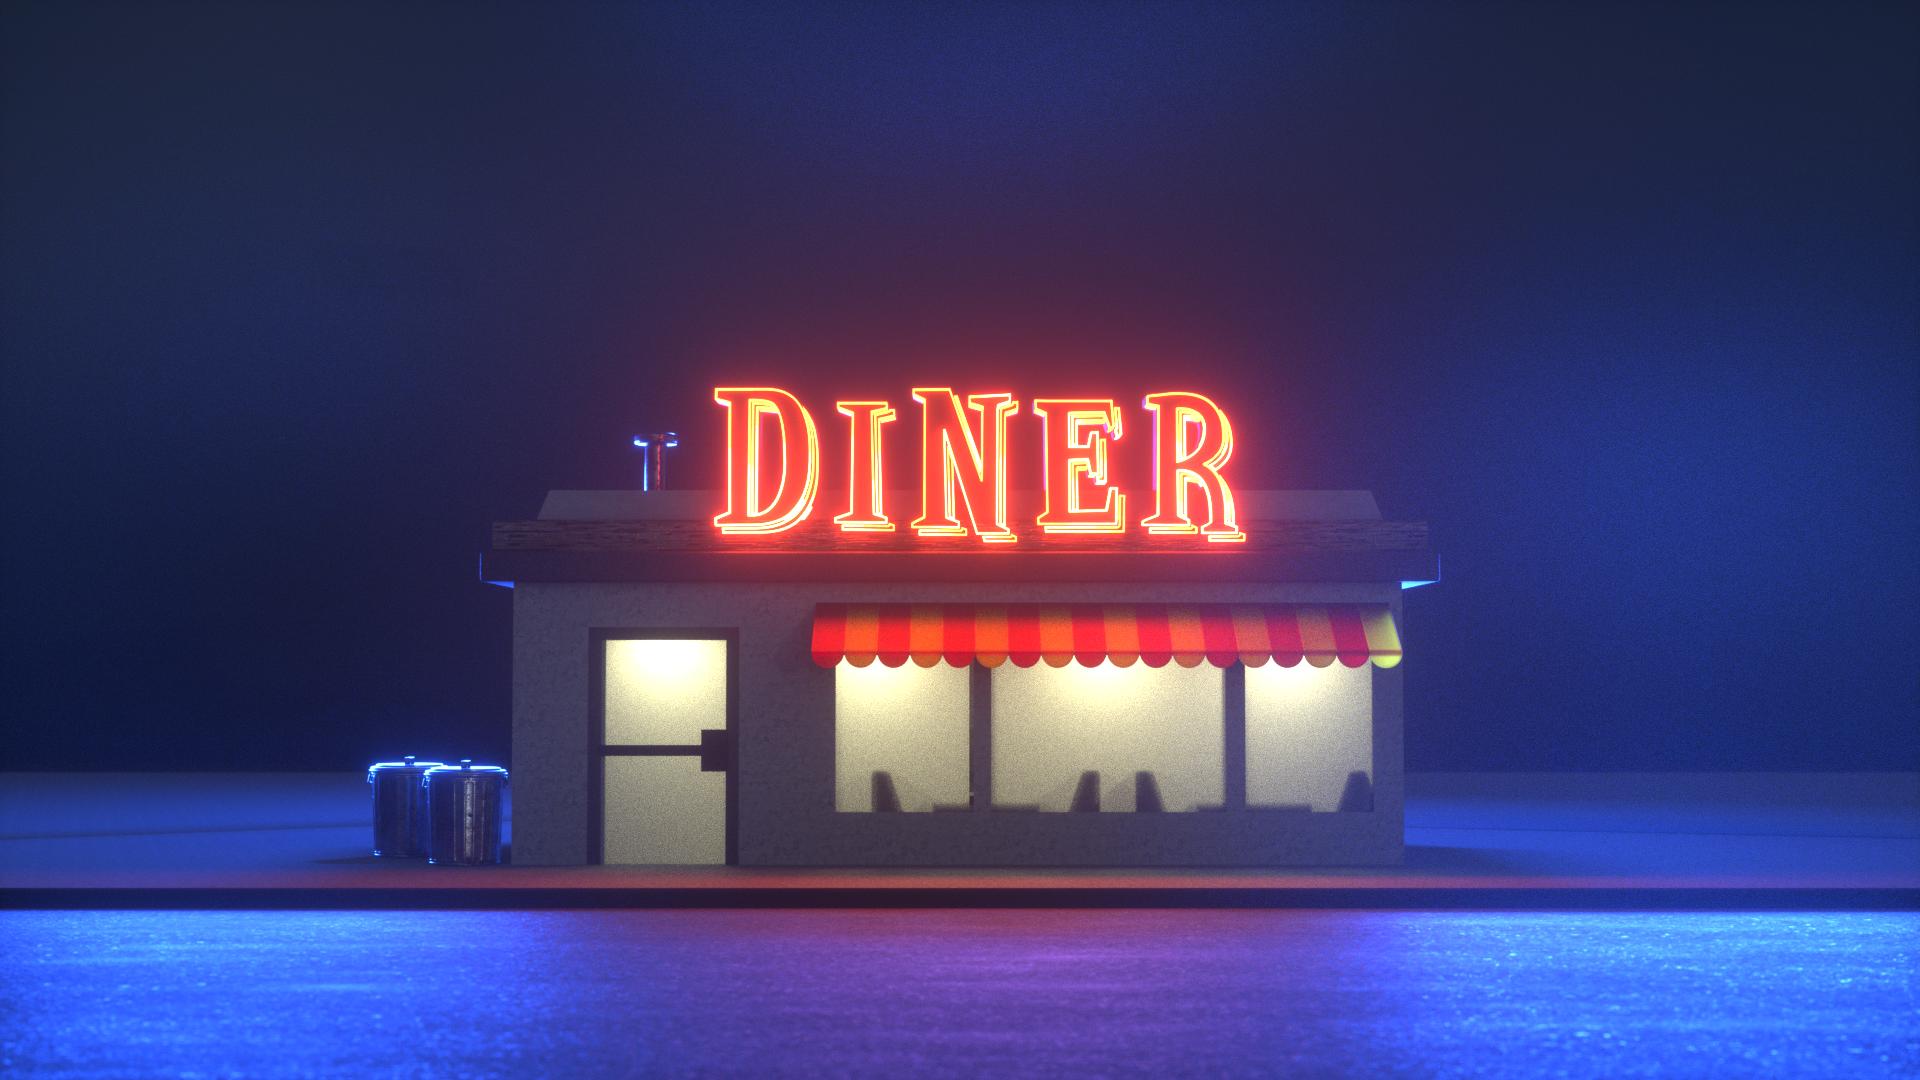 Diner_v1a_edit